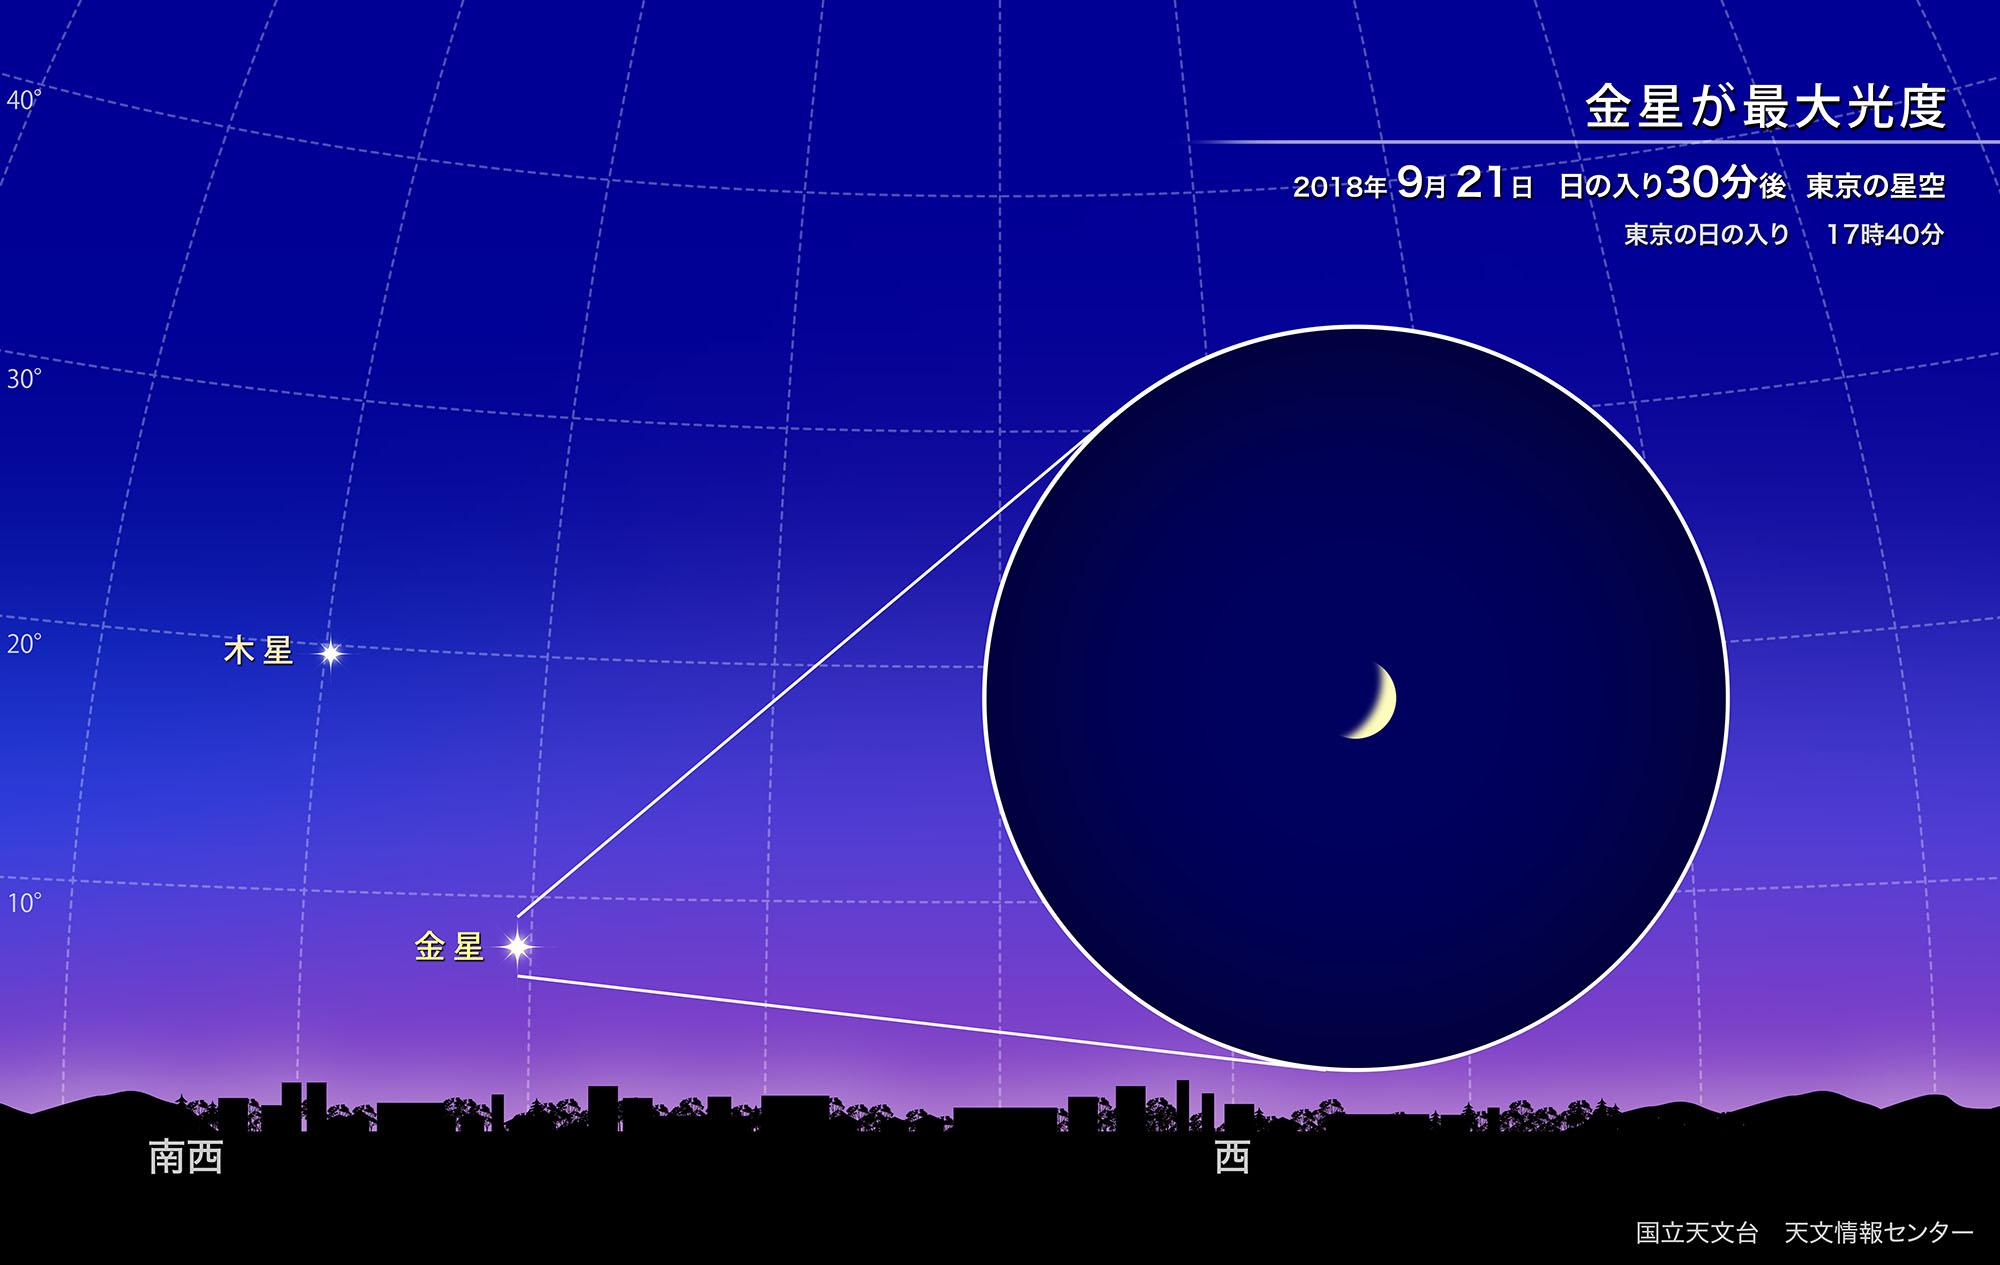 金星が最大光度(2018年9月) | 国立天文台(NAOJ)